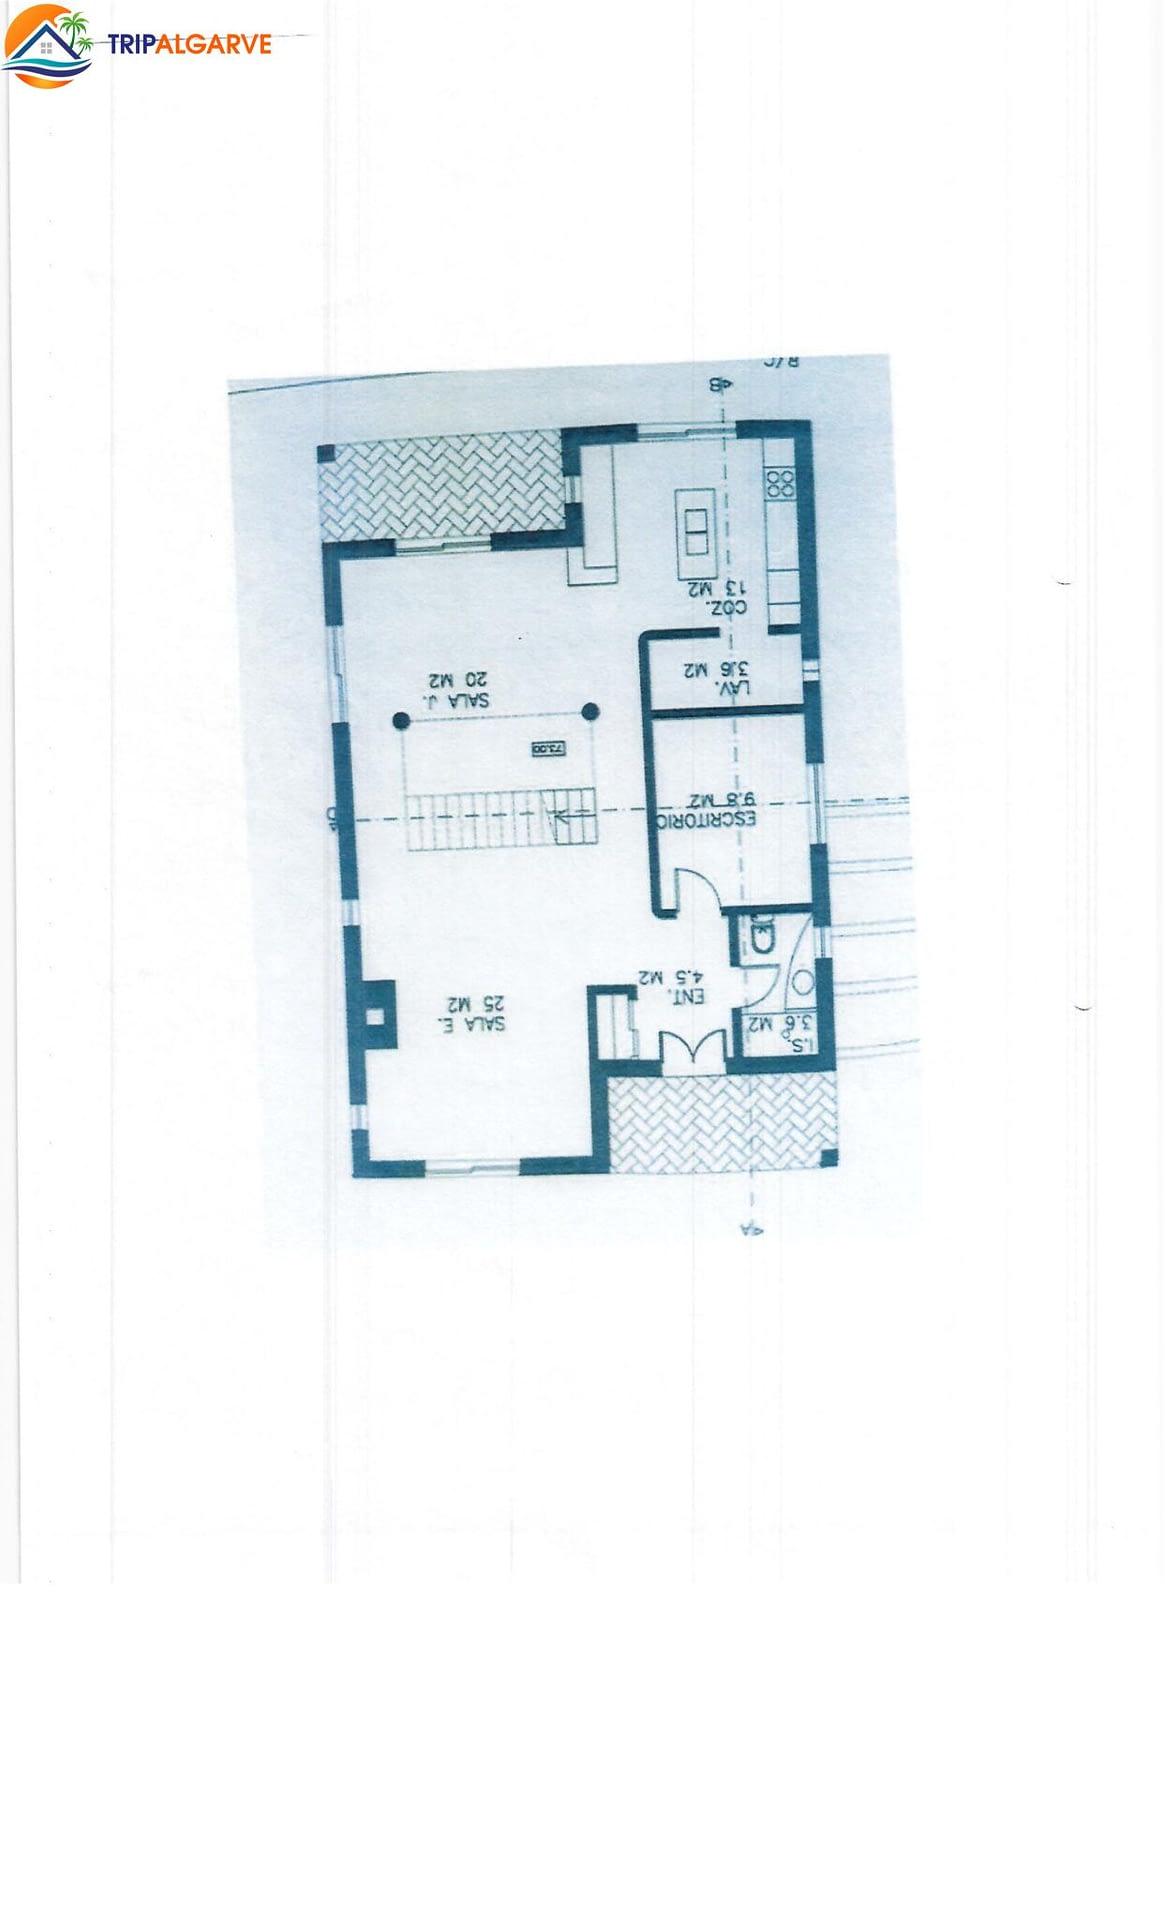 TRIPALGARVE TAFF0002VA PLANOS CASA (2)